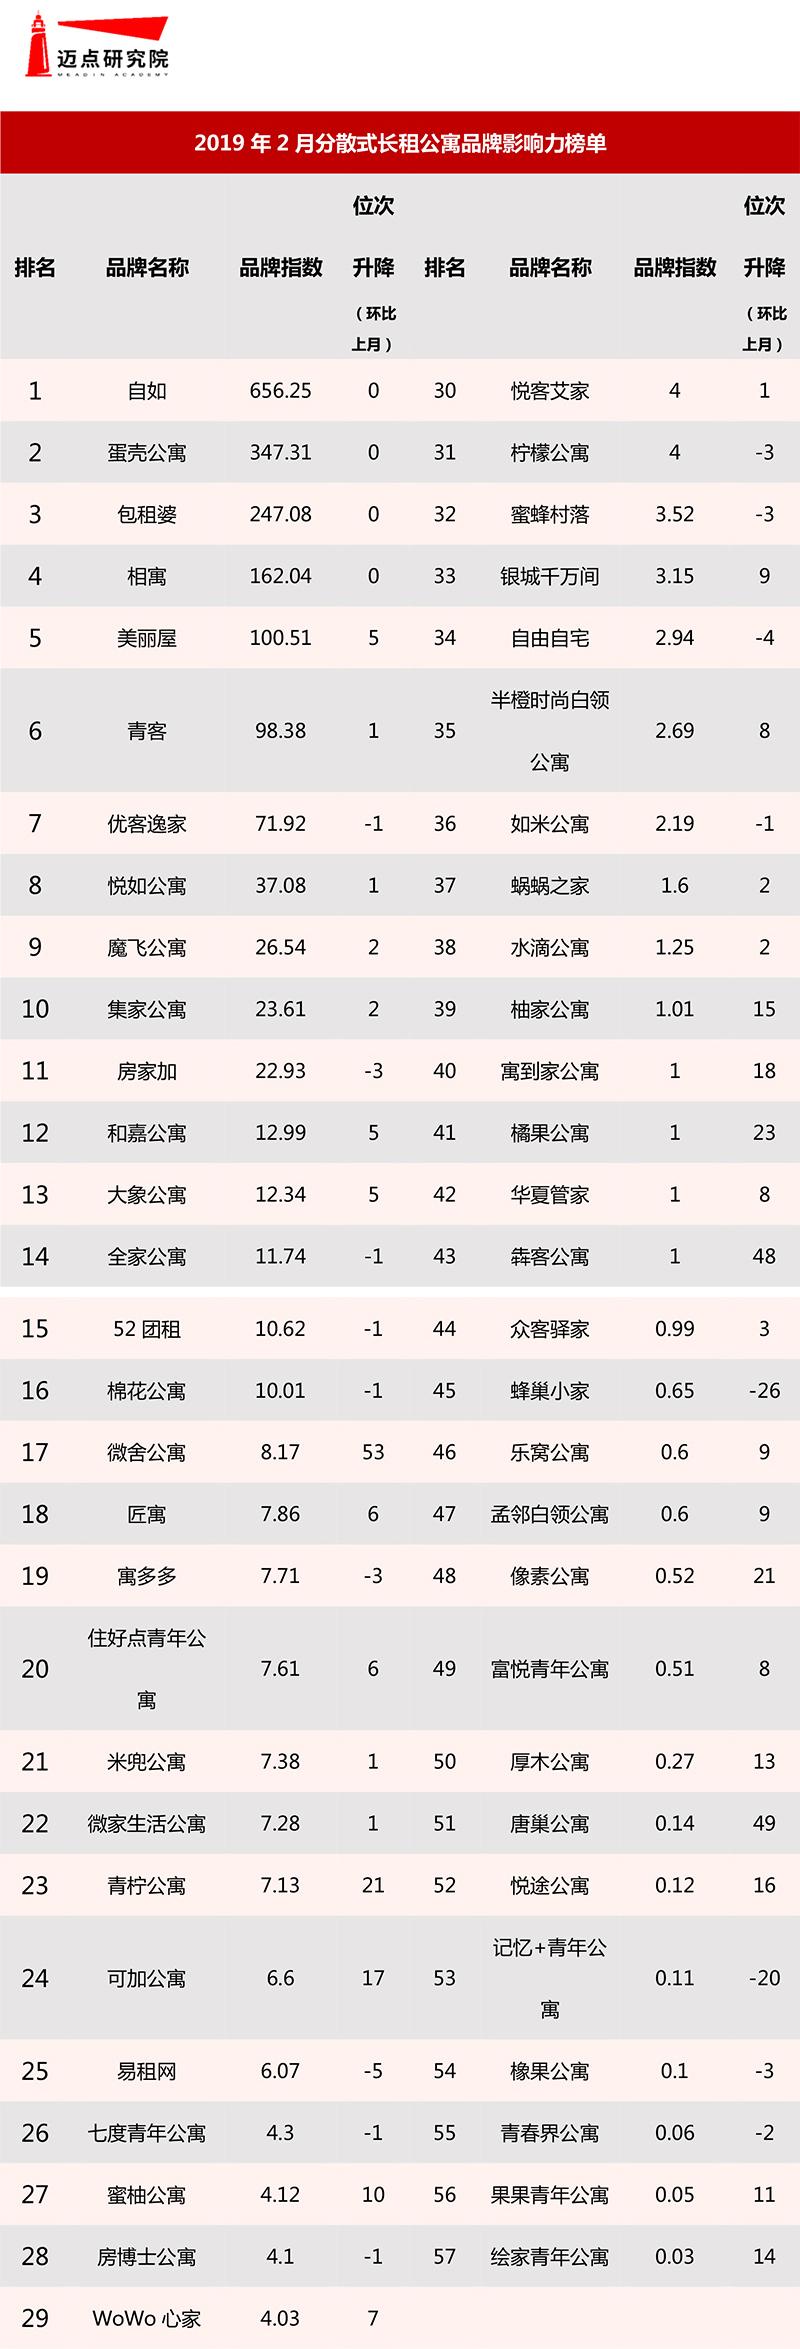 2019年2月分散式长租公寓品牌影响力榜单.jpg